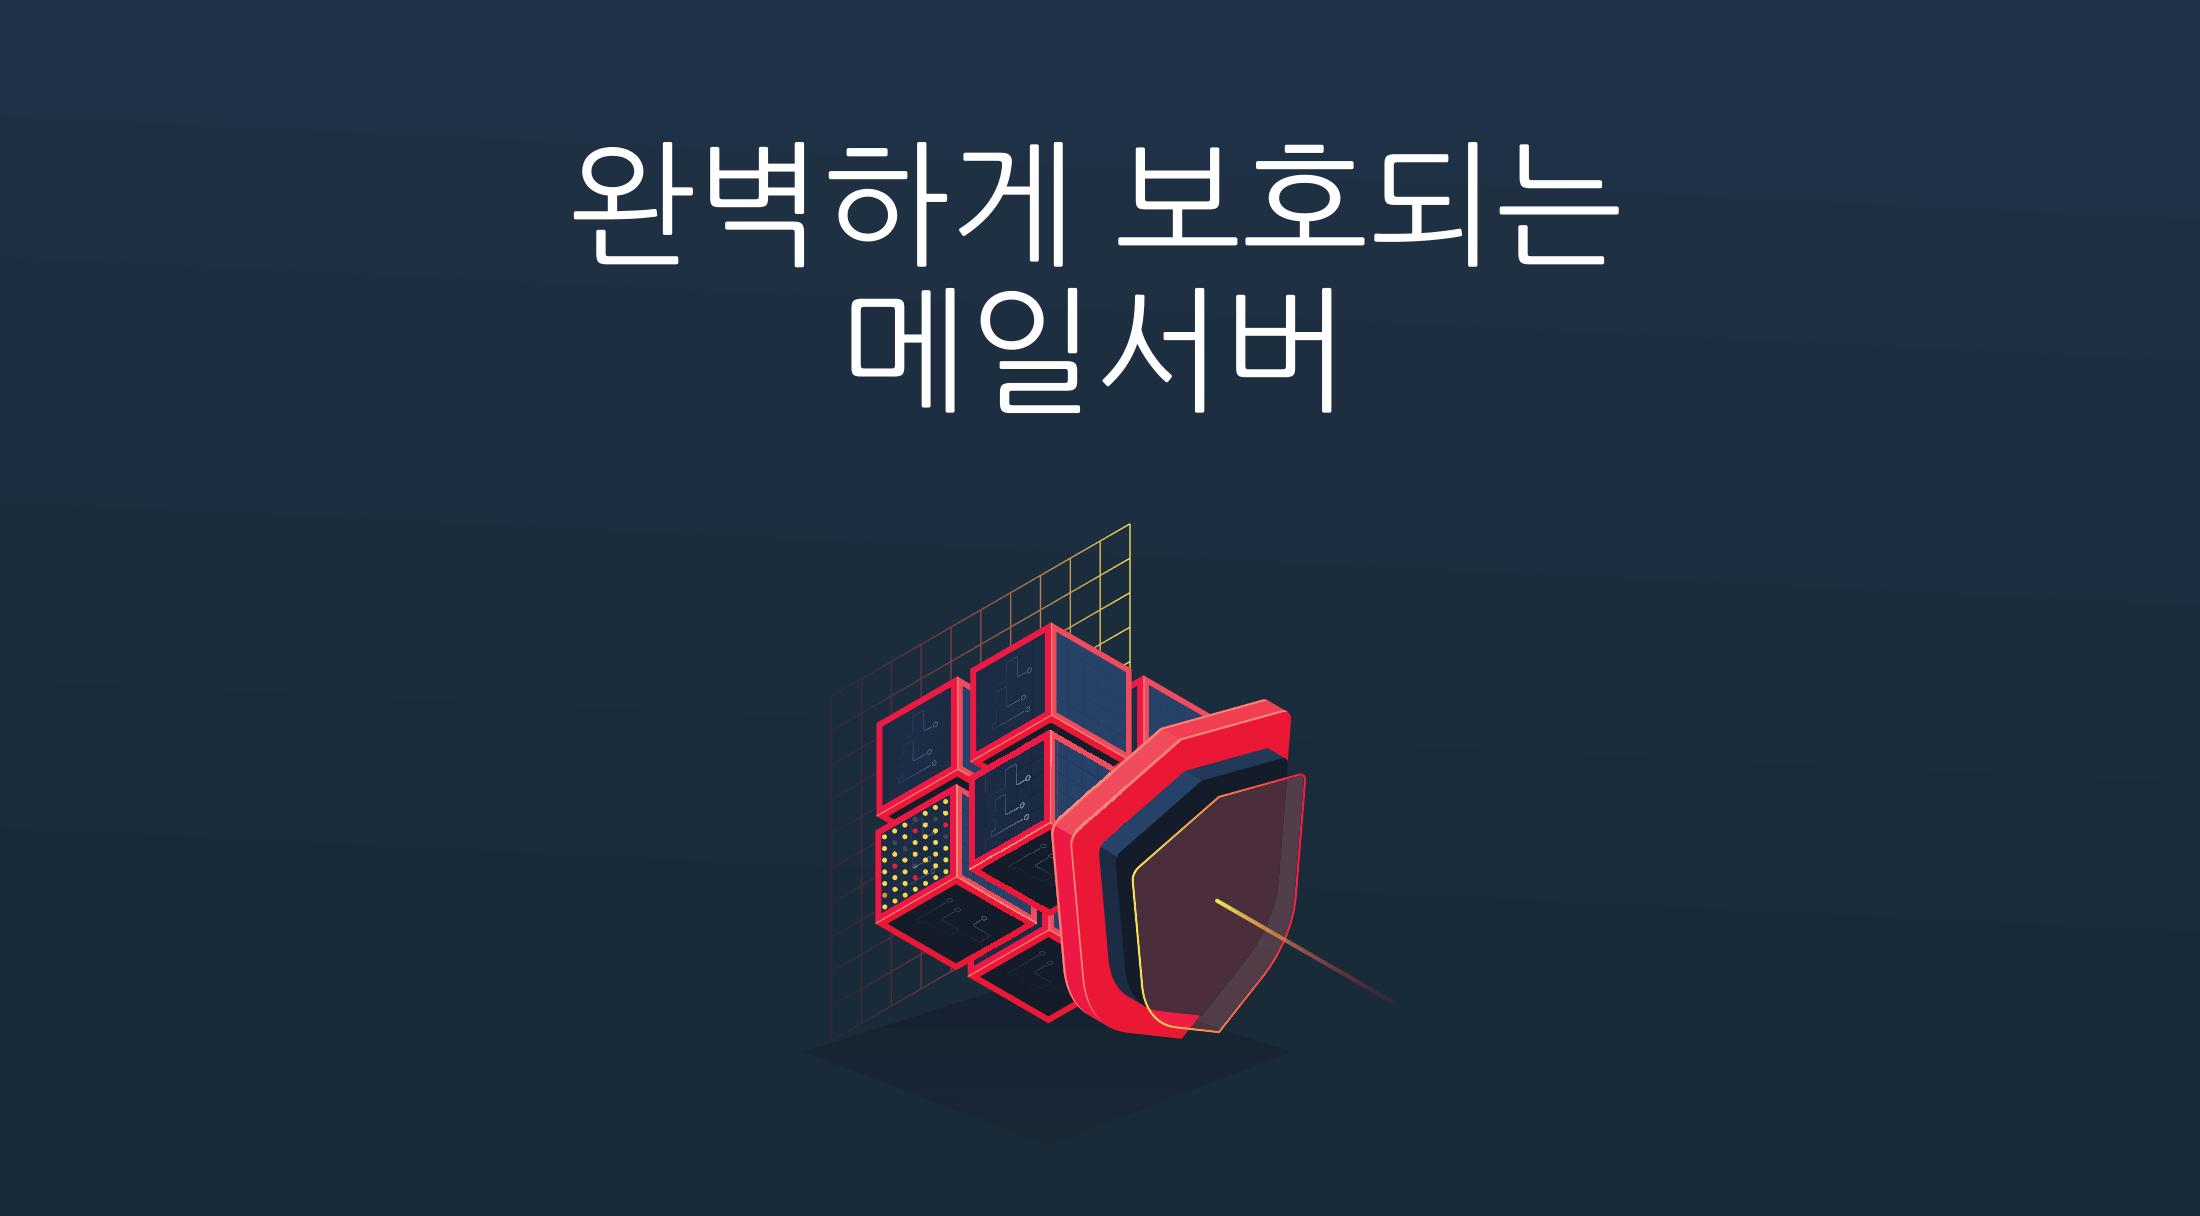 메일서버 보안 콤비엔컴